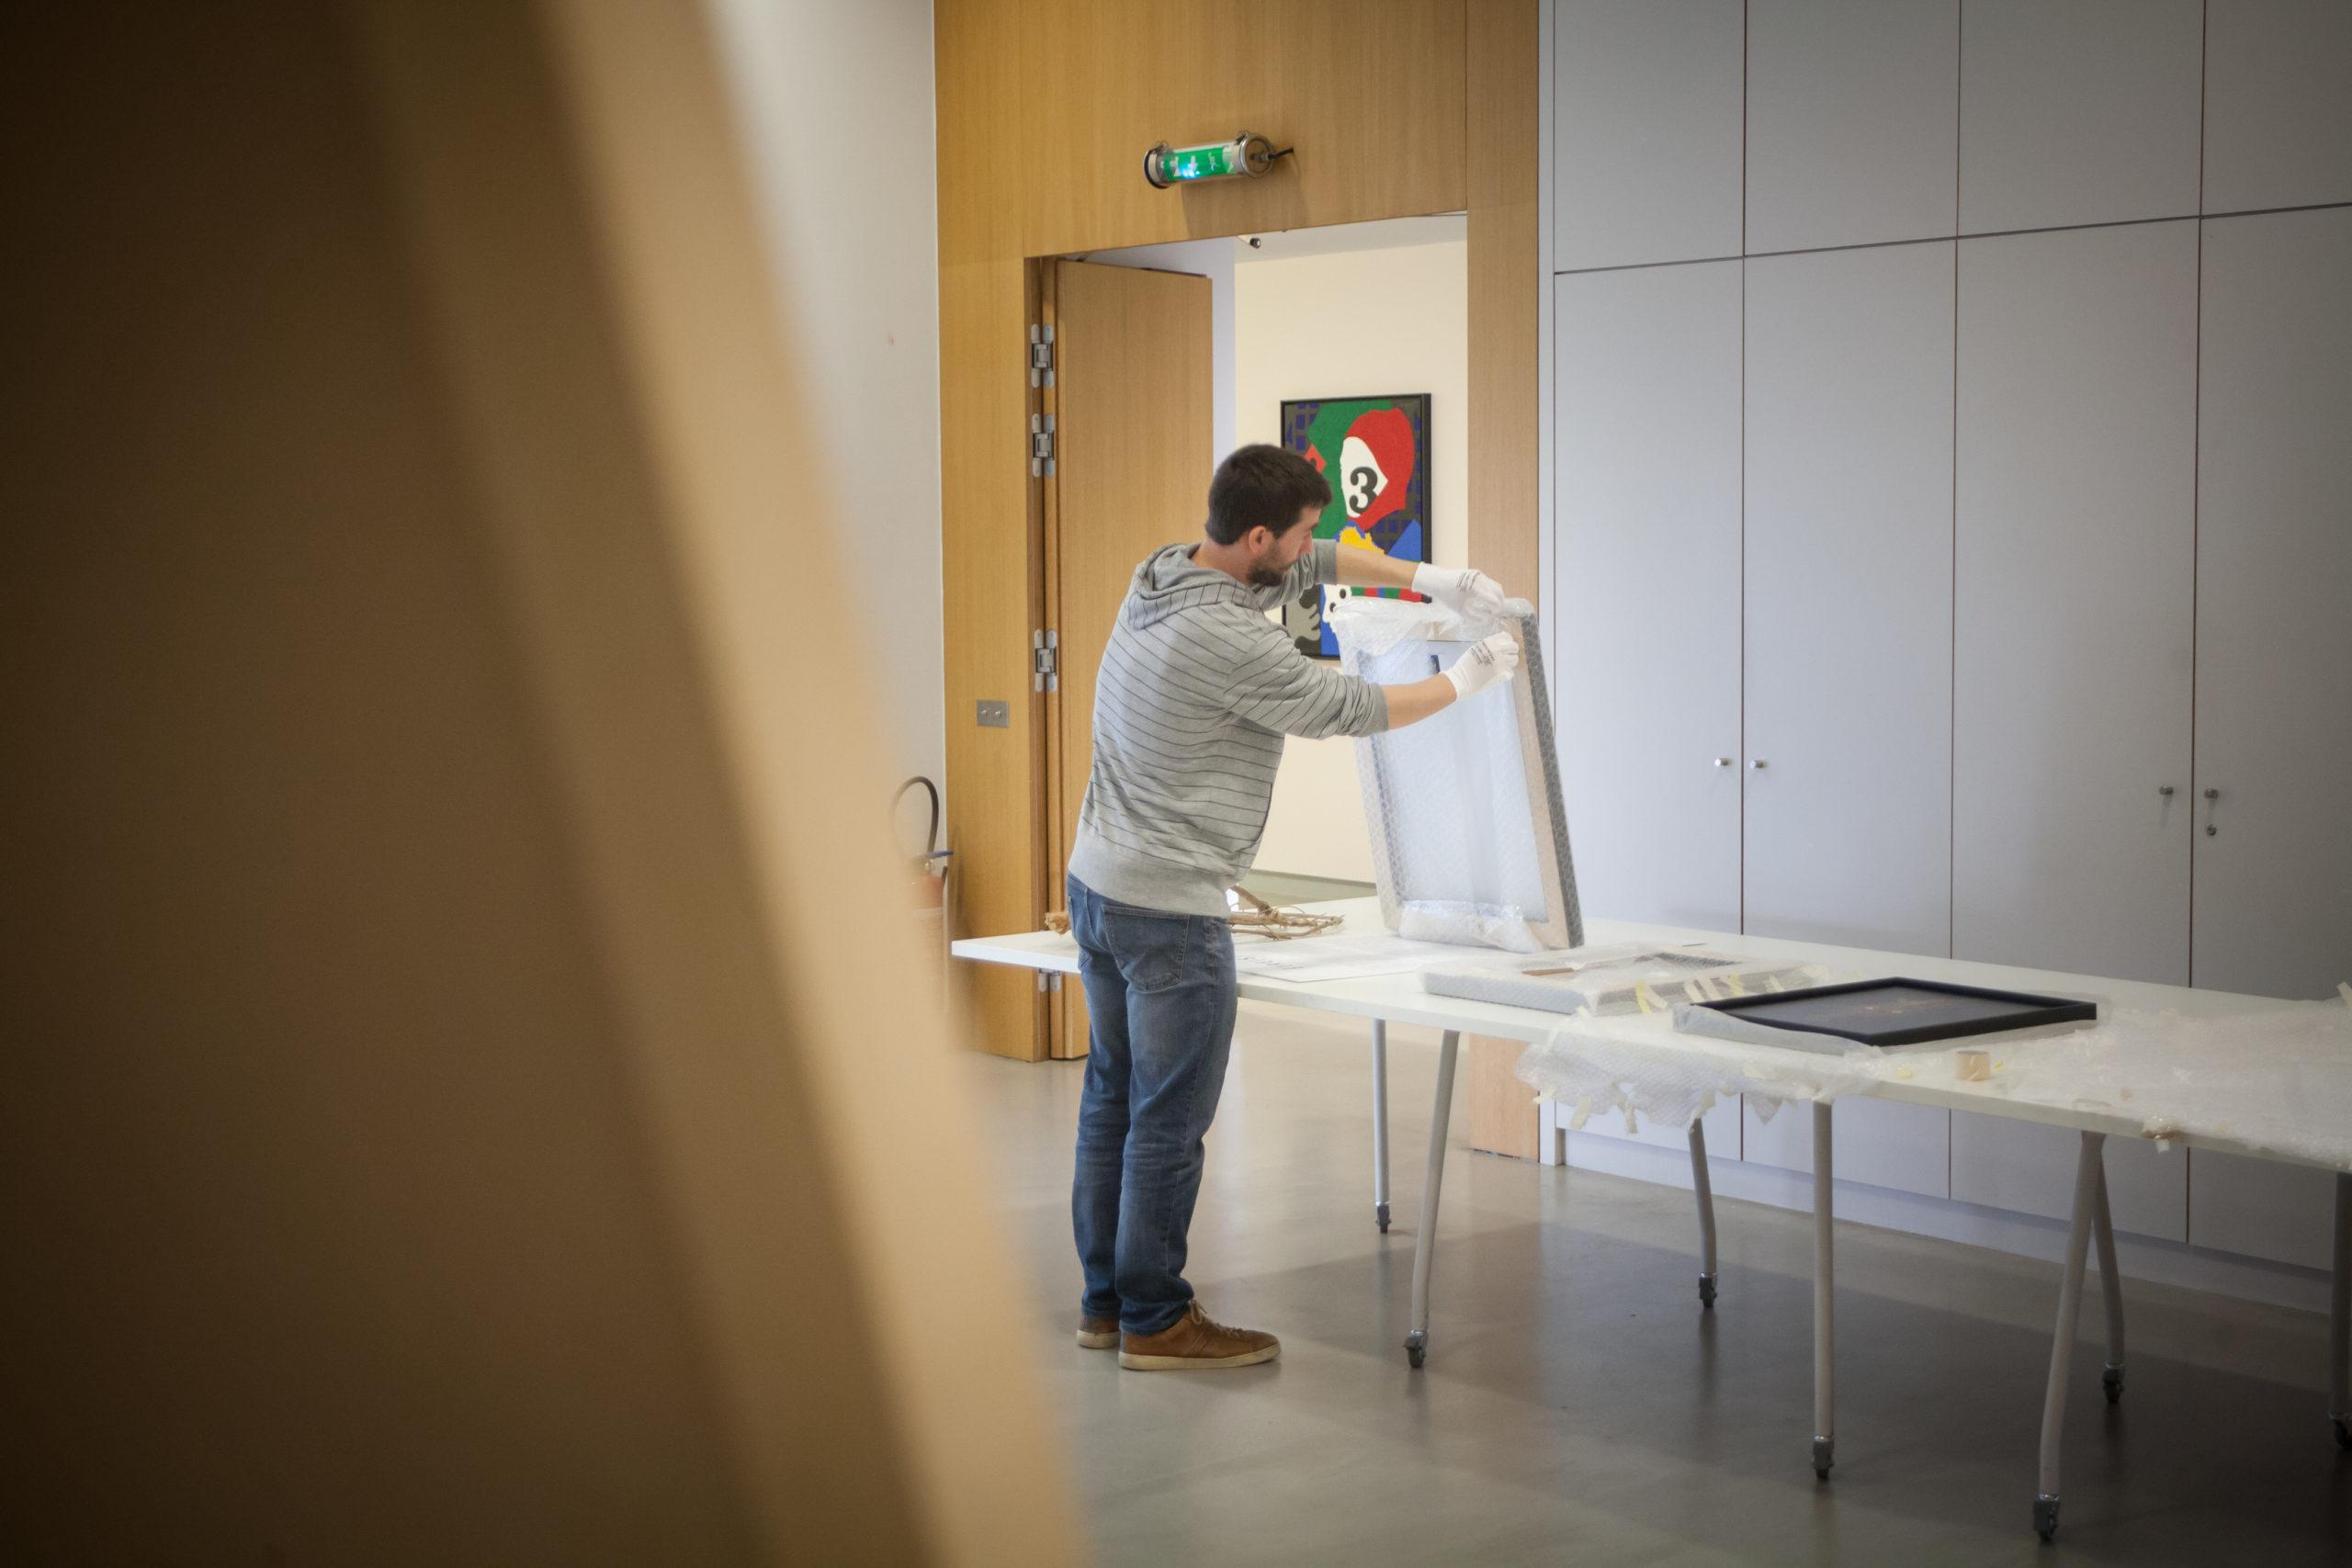 Hugo Mairelle, artiste plasticien alsacien, manie l'une des œuvres réalisée avec le photographe Vincent Muller au sein du musée Würth en Alsace